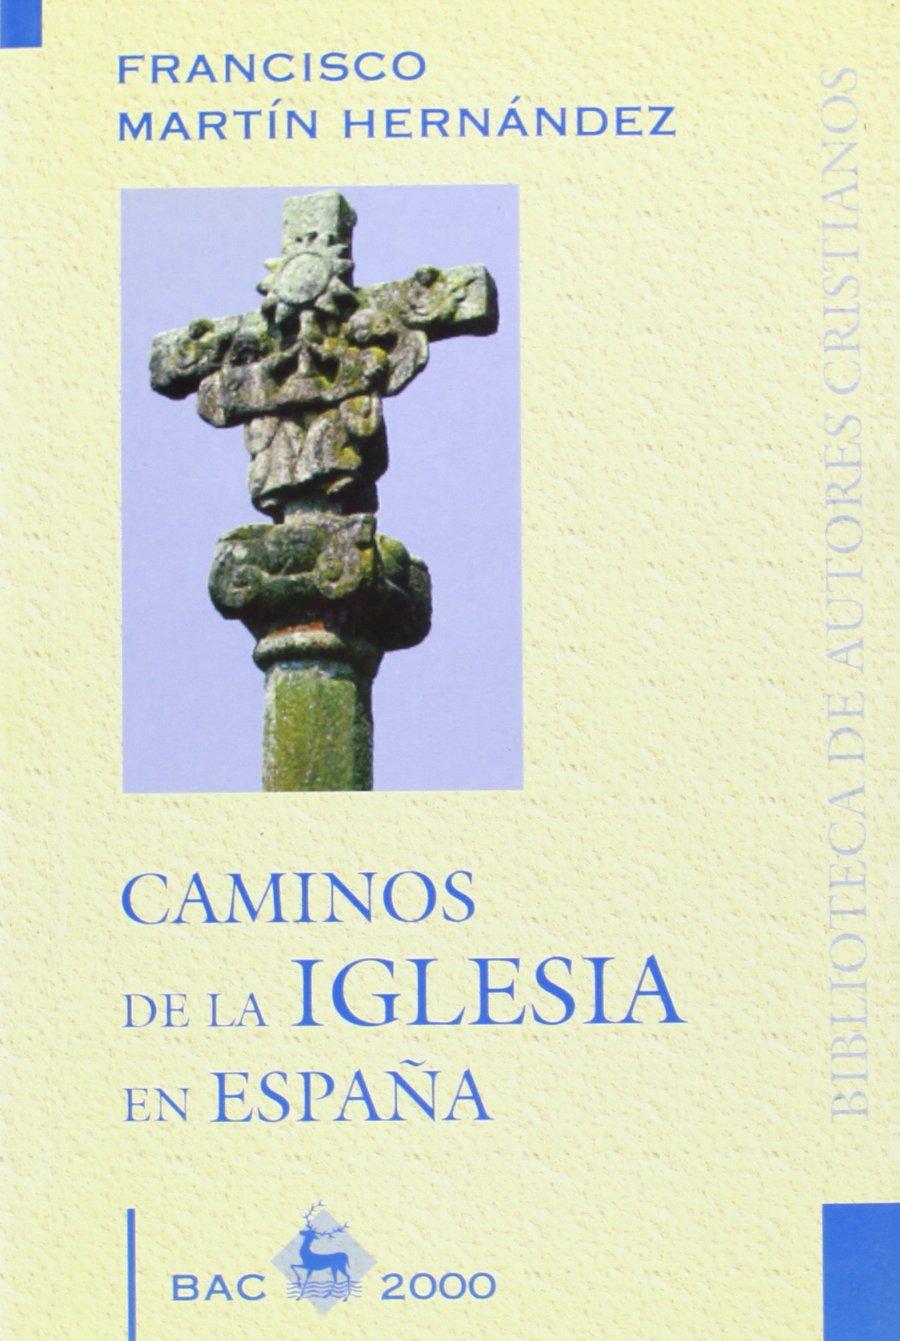 Caminos de la Iglesia en España (BAC 2000): Amazon.es: Martín Hernández, Francisco: Libros